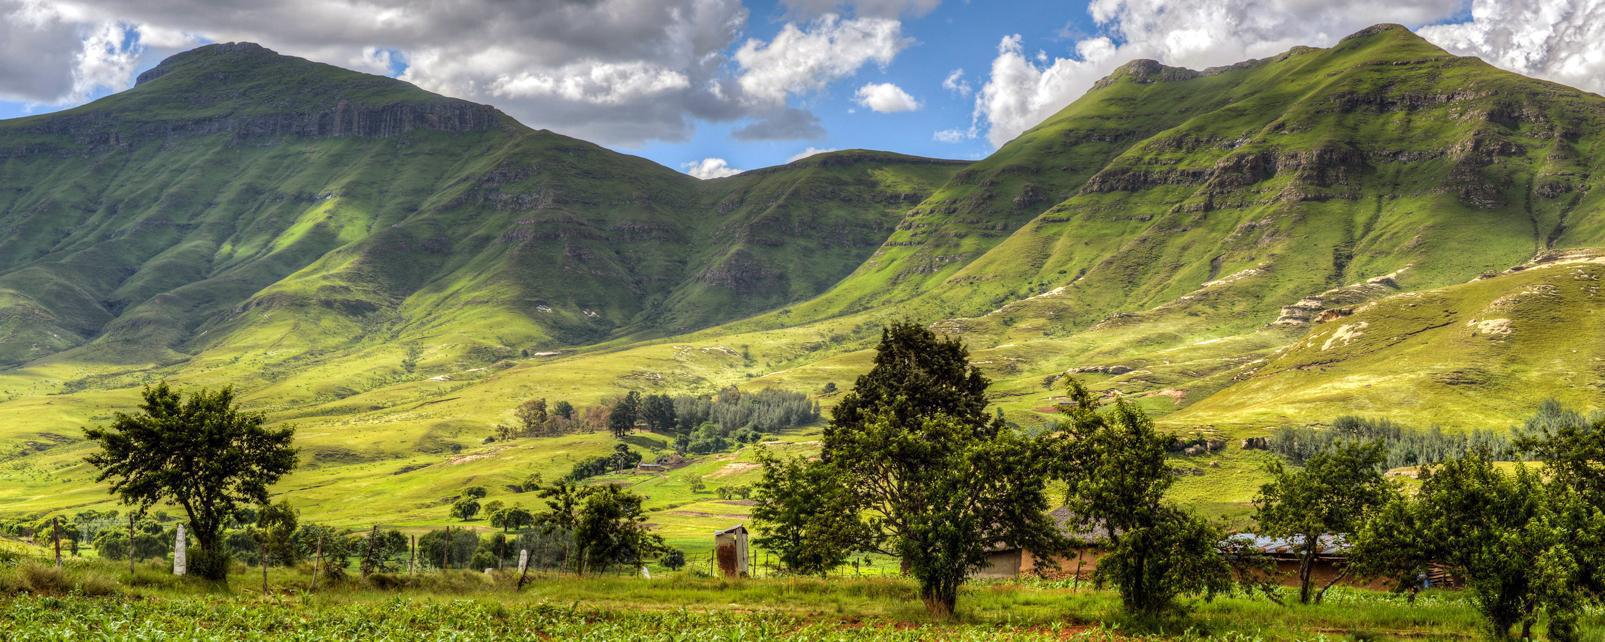 Afrique, Lesotho, Butha Buthe, montagne, plantation, hutte, arbre,